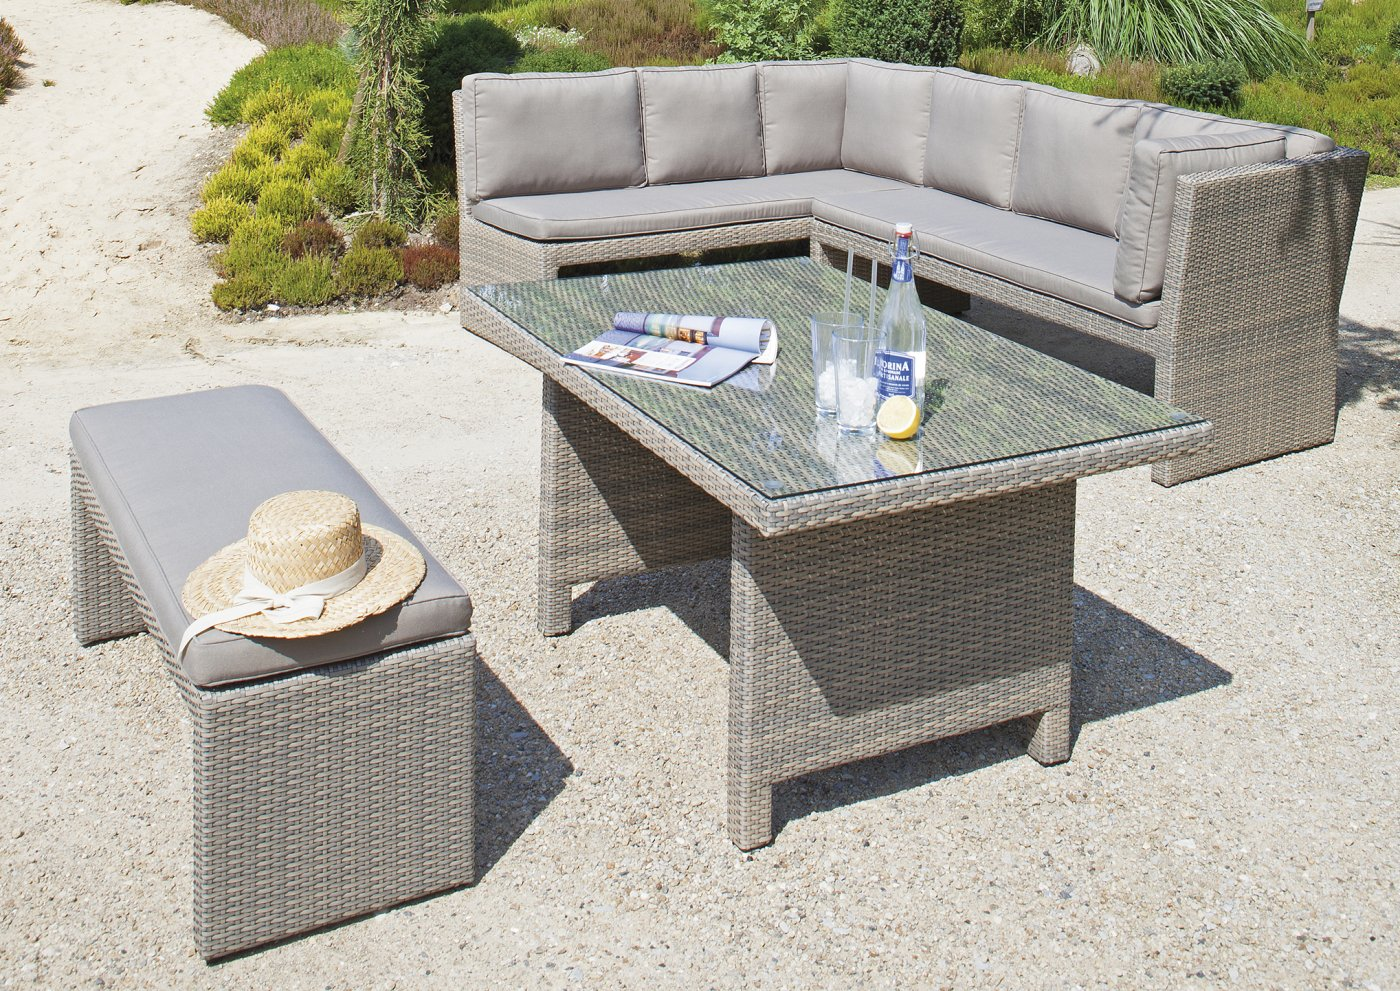 gartenmöbel set mit eckbank | ambiznes.com - Sitzgruppe Im Garten Gartenmobel Sets